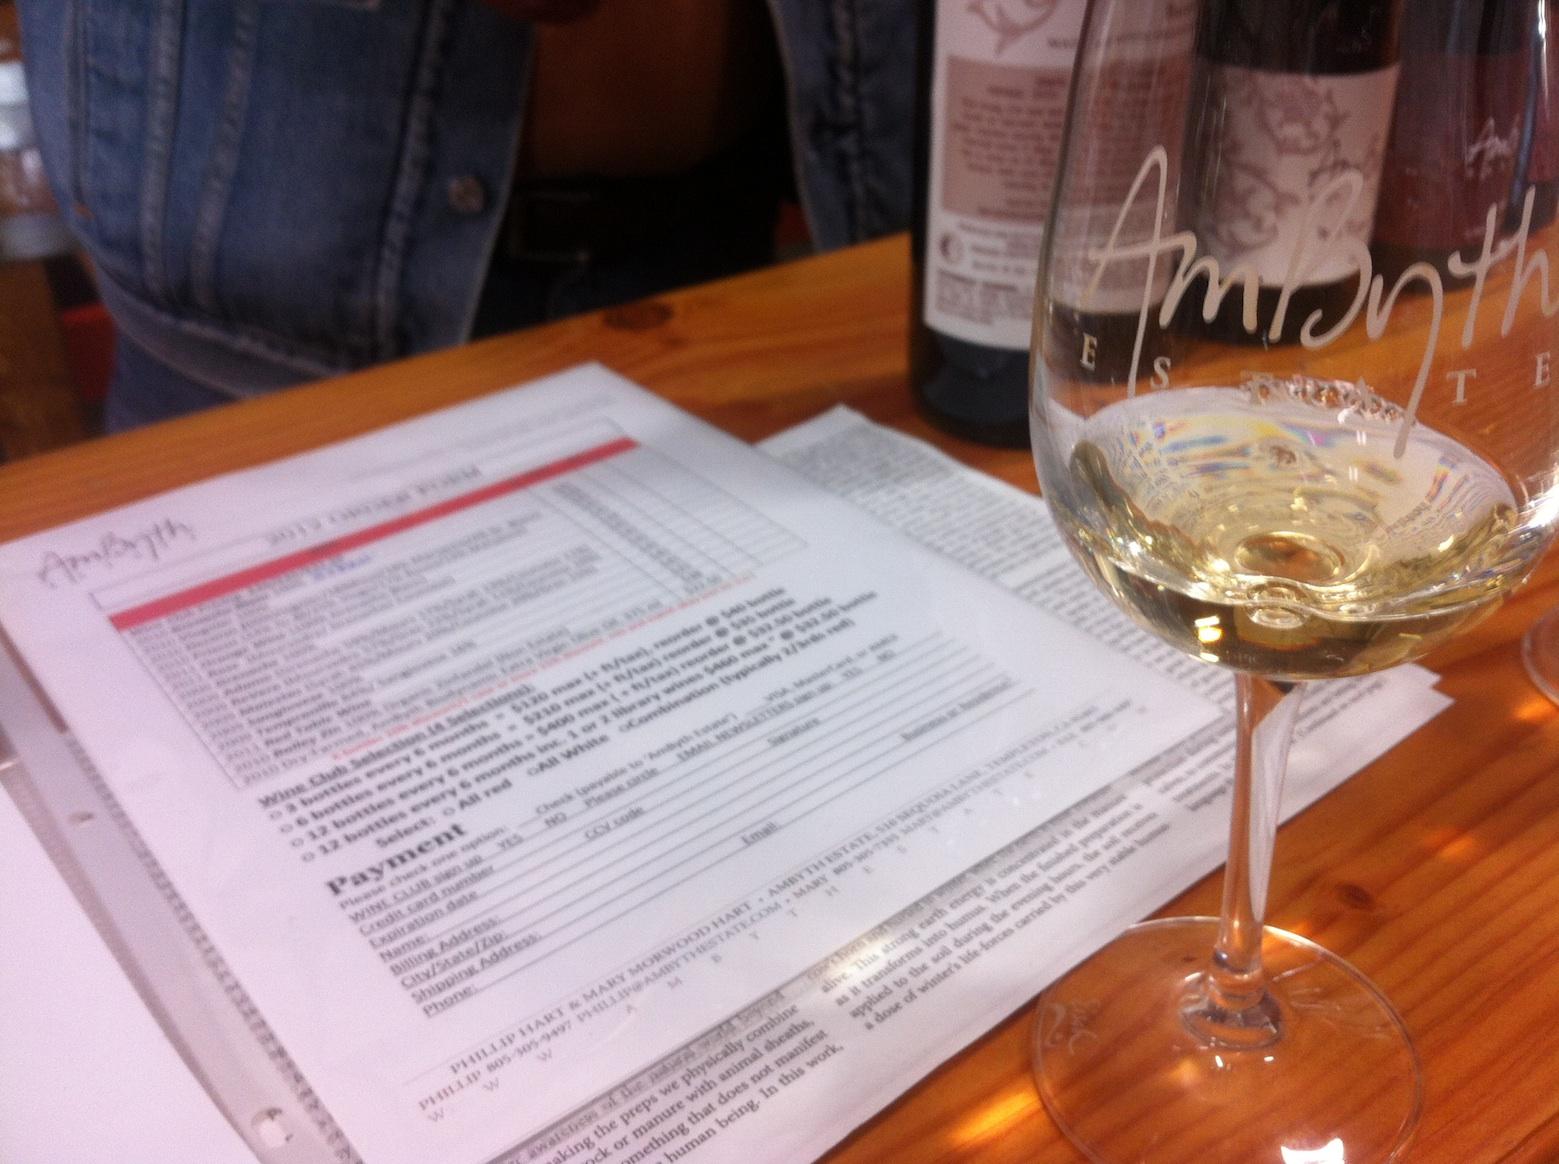 Wine tasting at Ambyth